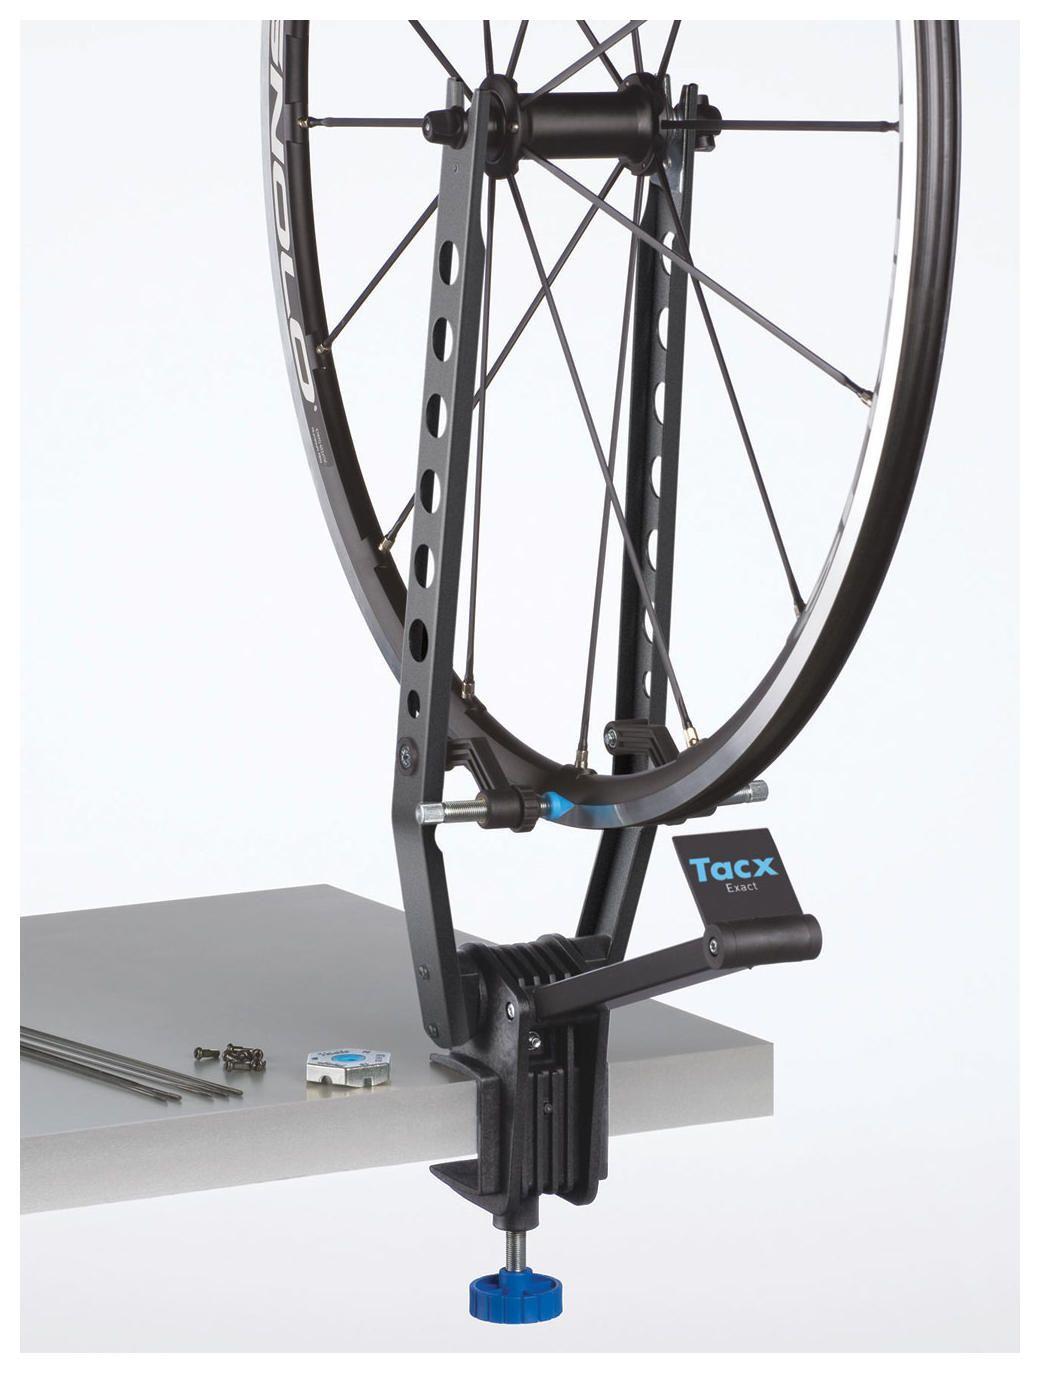 Dévoileur / centreur de roue Tacx Exact T3175